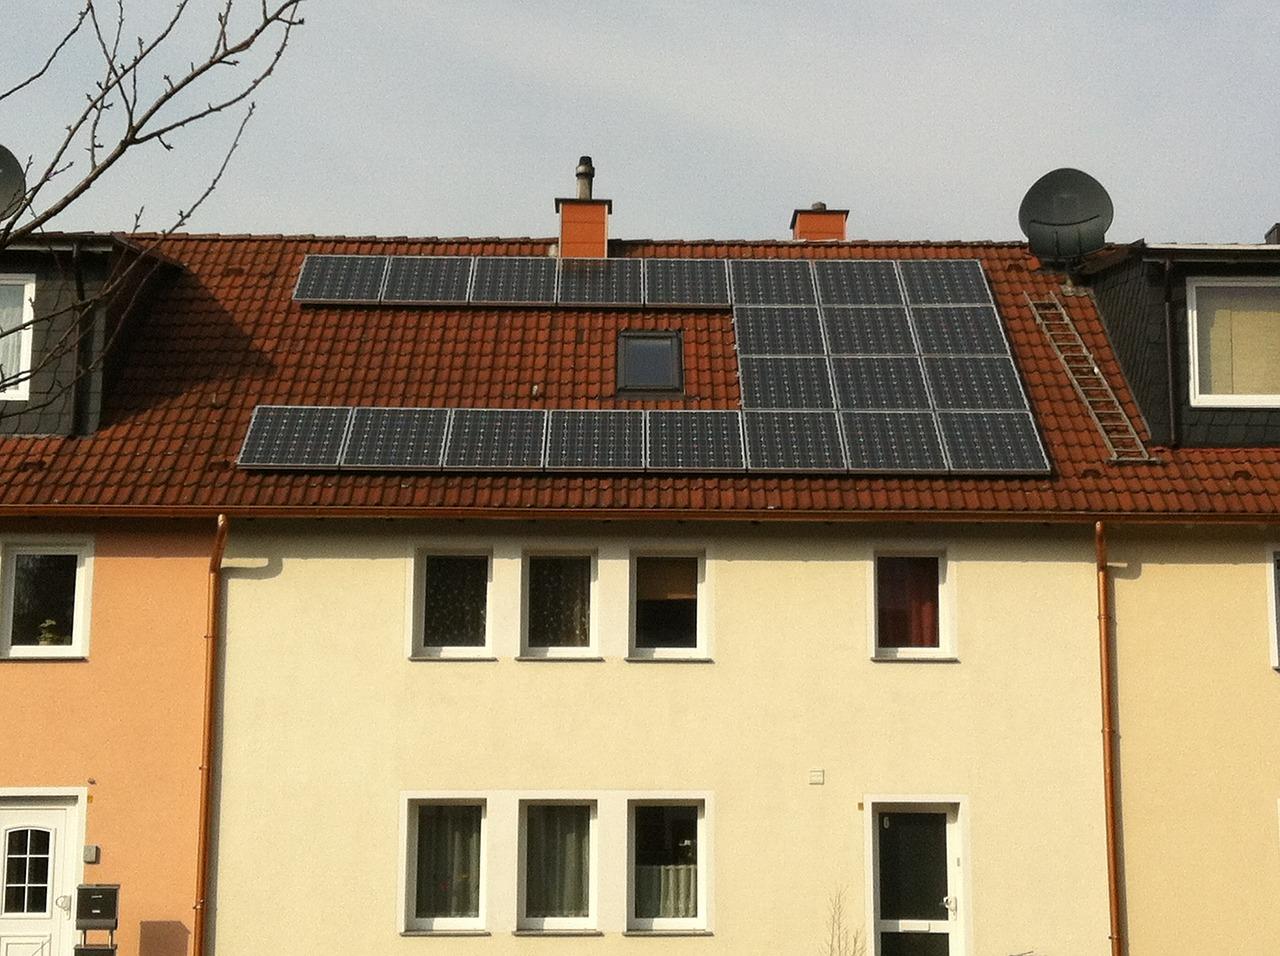 Idee Per Risparmiare In Casa.Risparmio Energetico E Fotovoltaico Idee E Consigli Paginegialle Casa